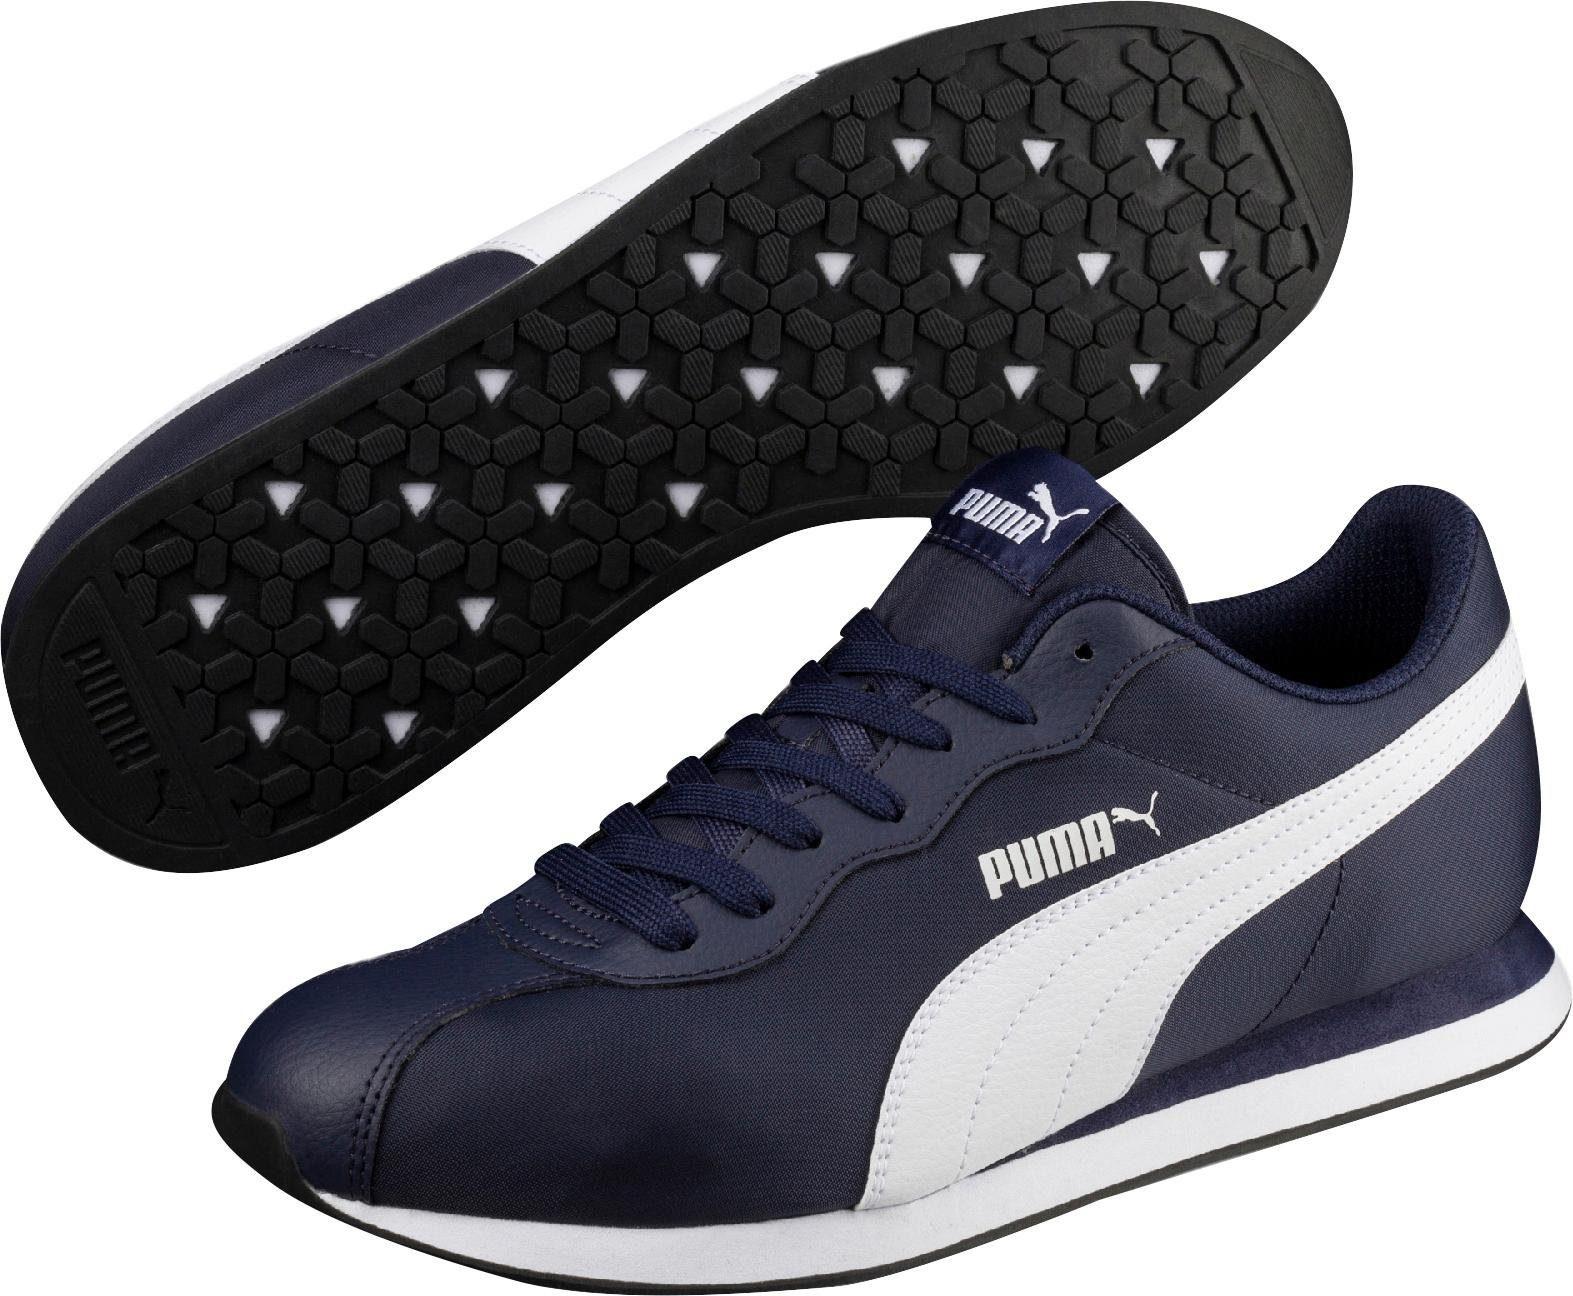 PUMA »Turin II NL« Sneaker, Profilierte Laufsohle für guten Halt online kaufen | OTTO